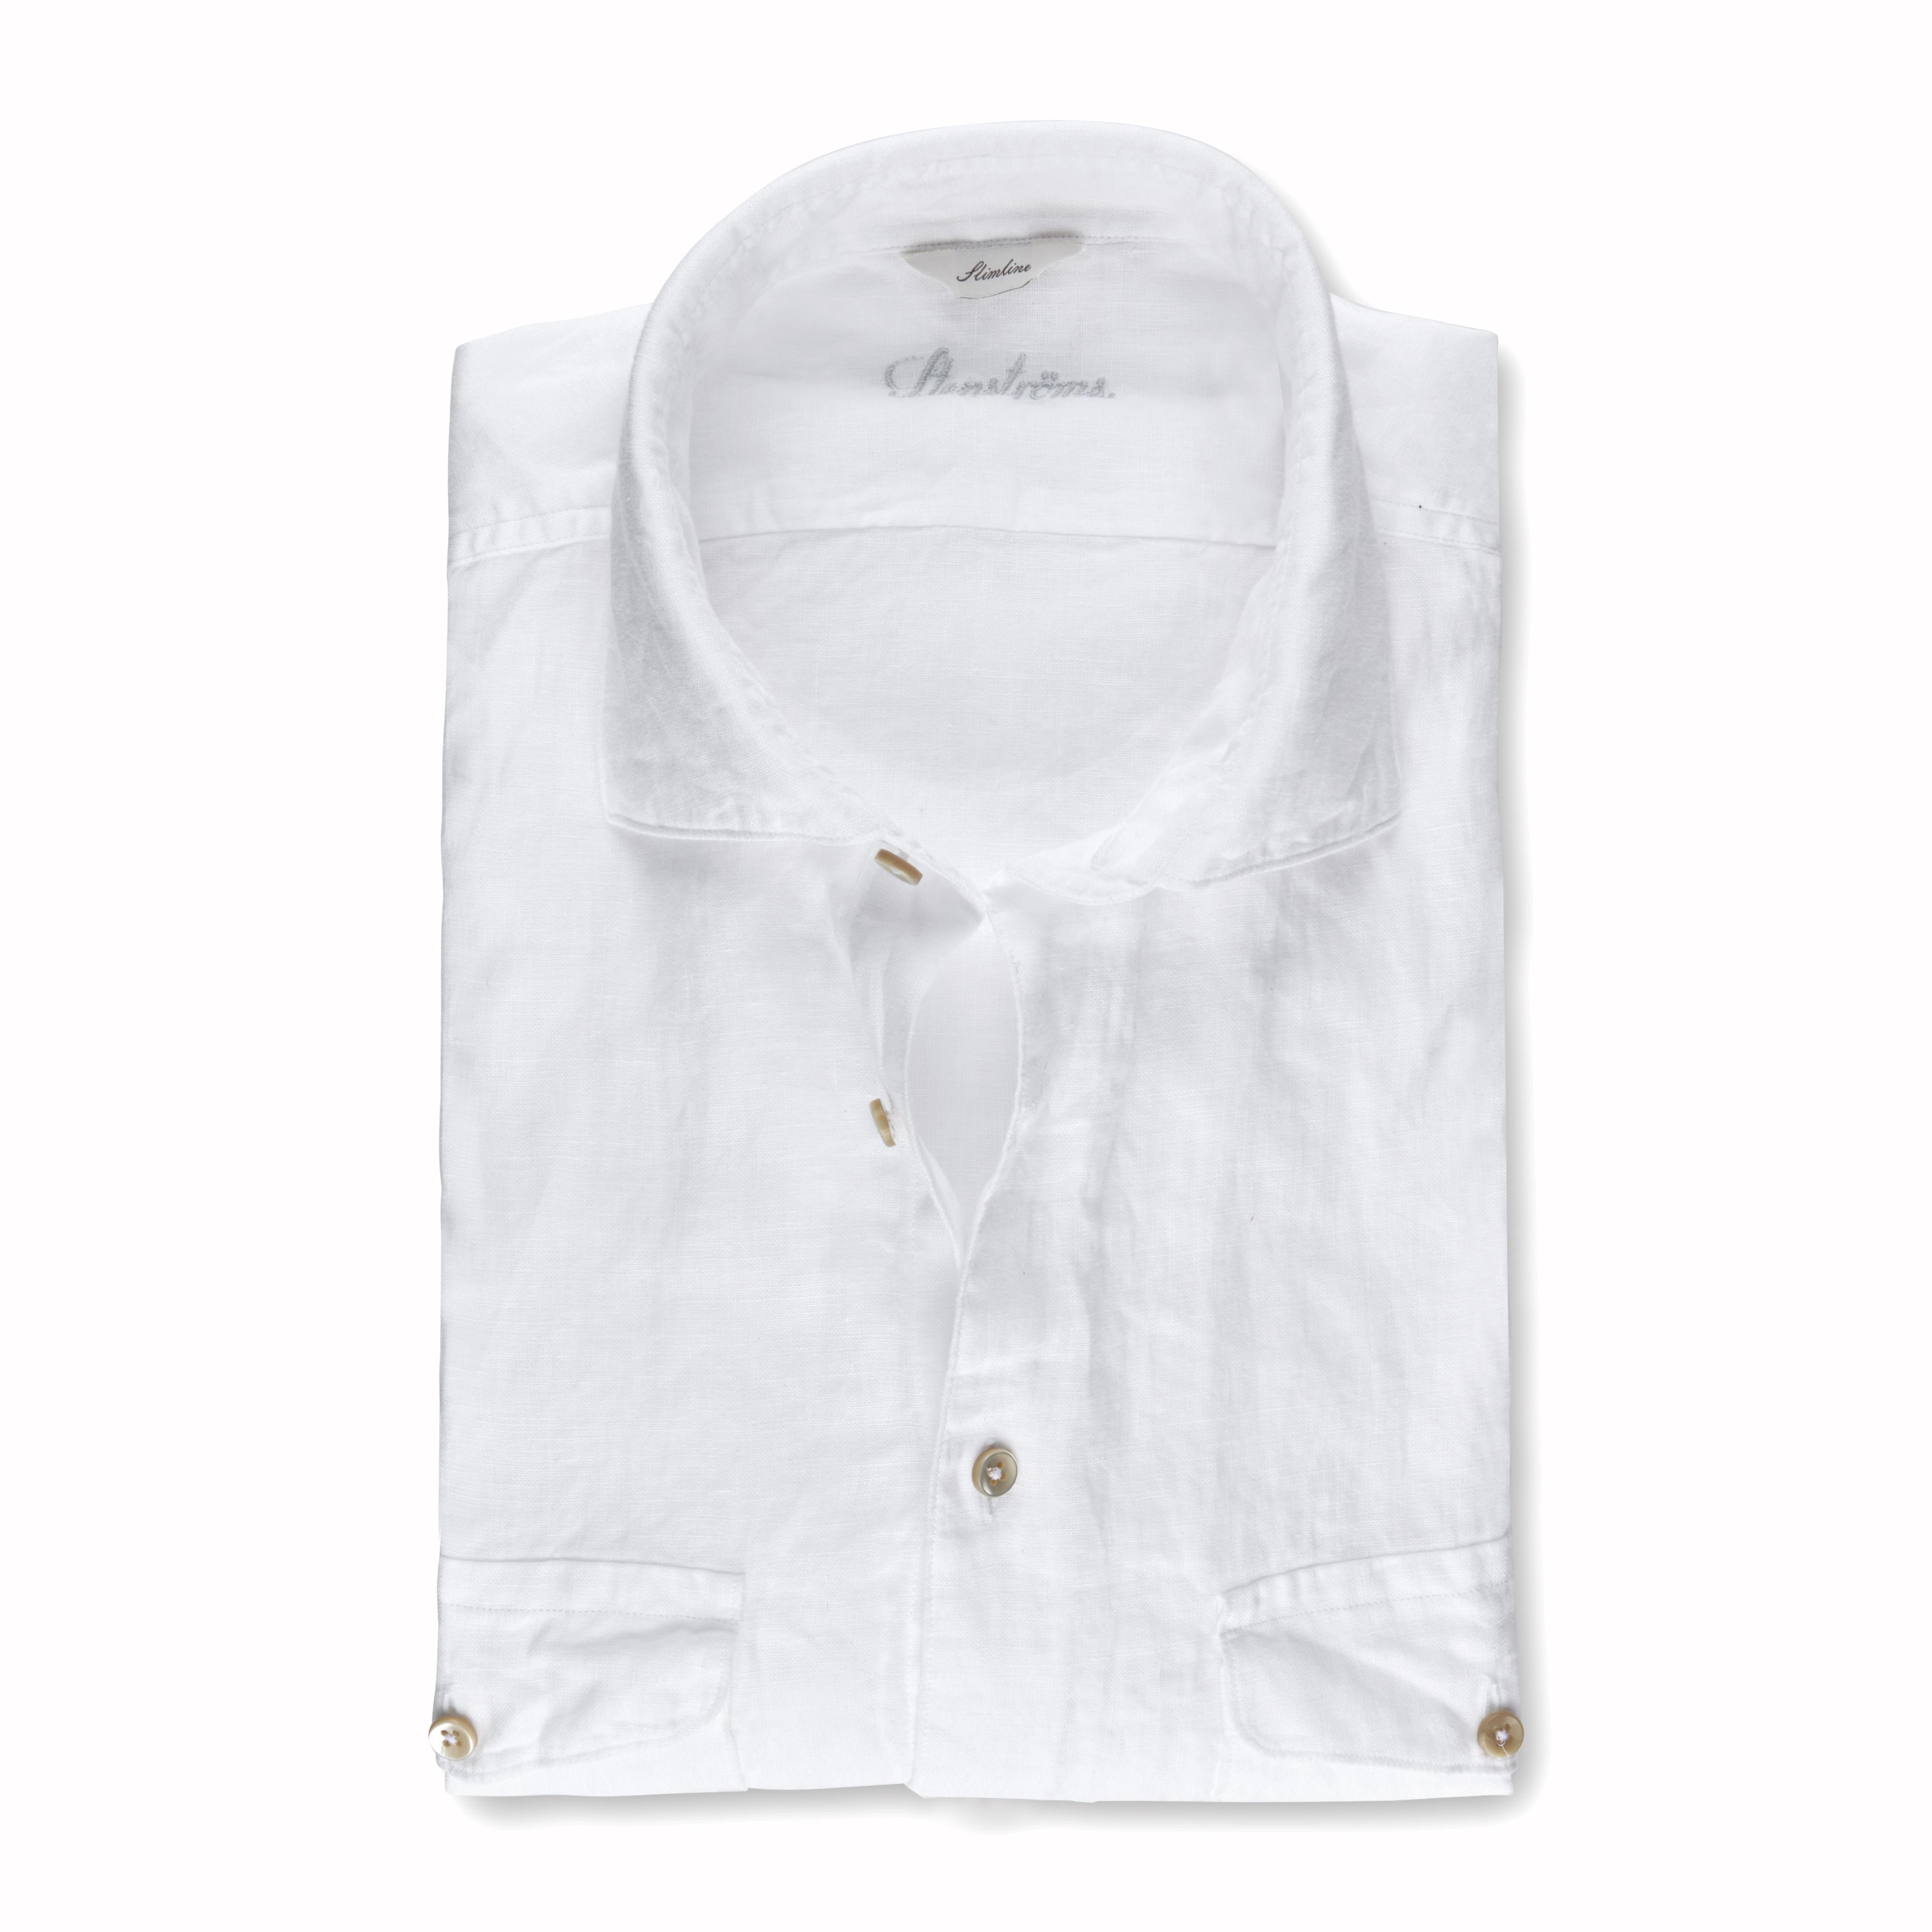 9f4f4c833162 Stenströms Shirts - Shirts Men - High-quality since 1899